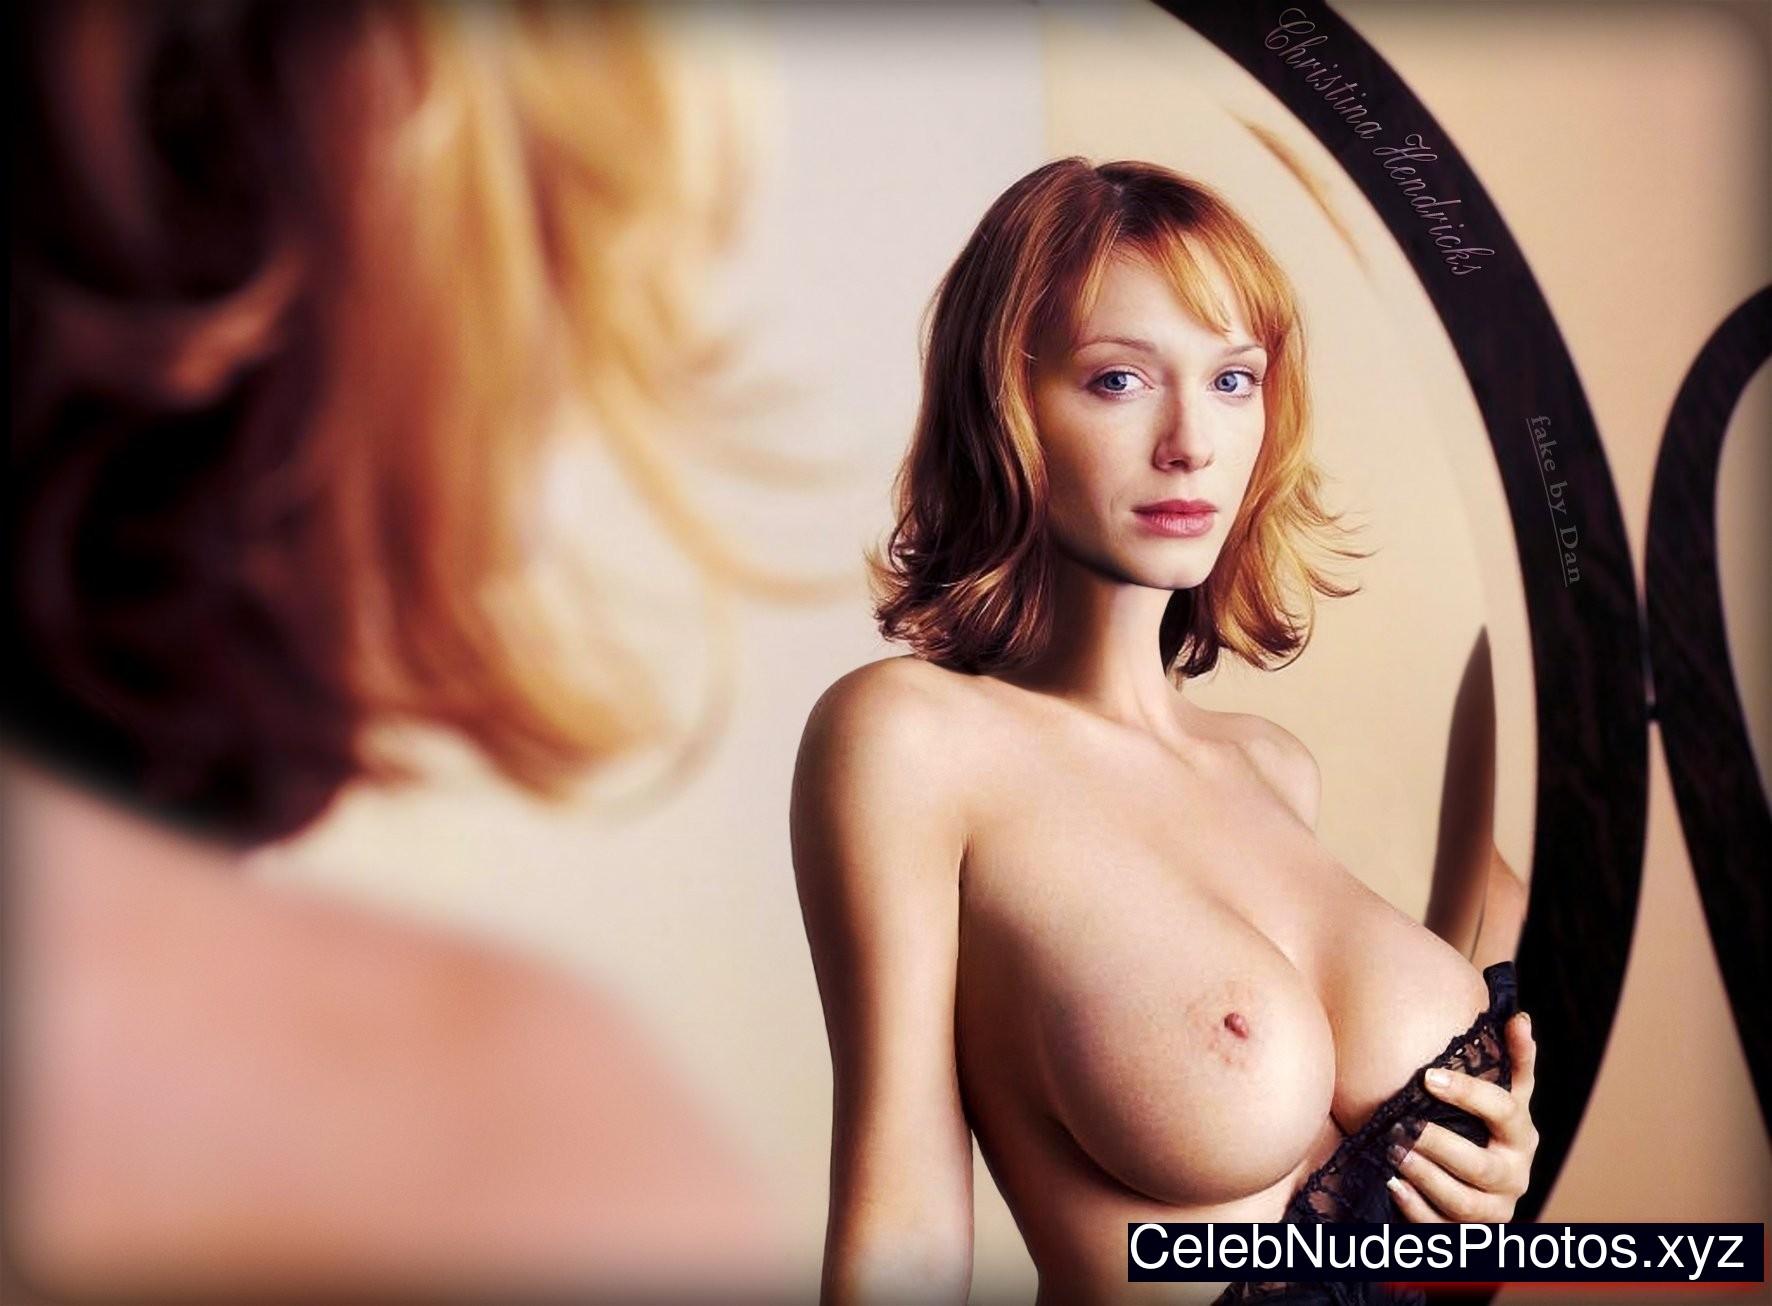 woman capture bondage porn tit lactation